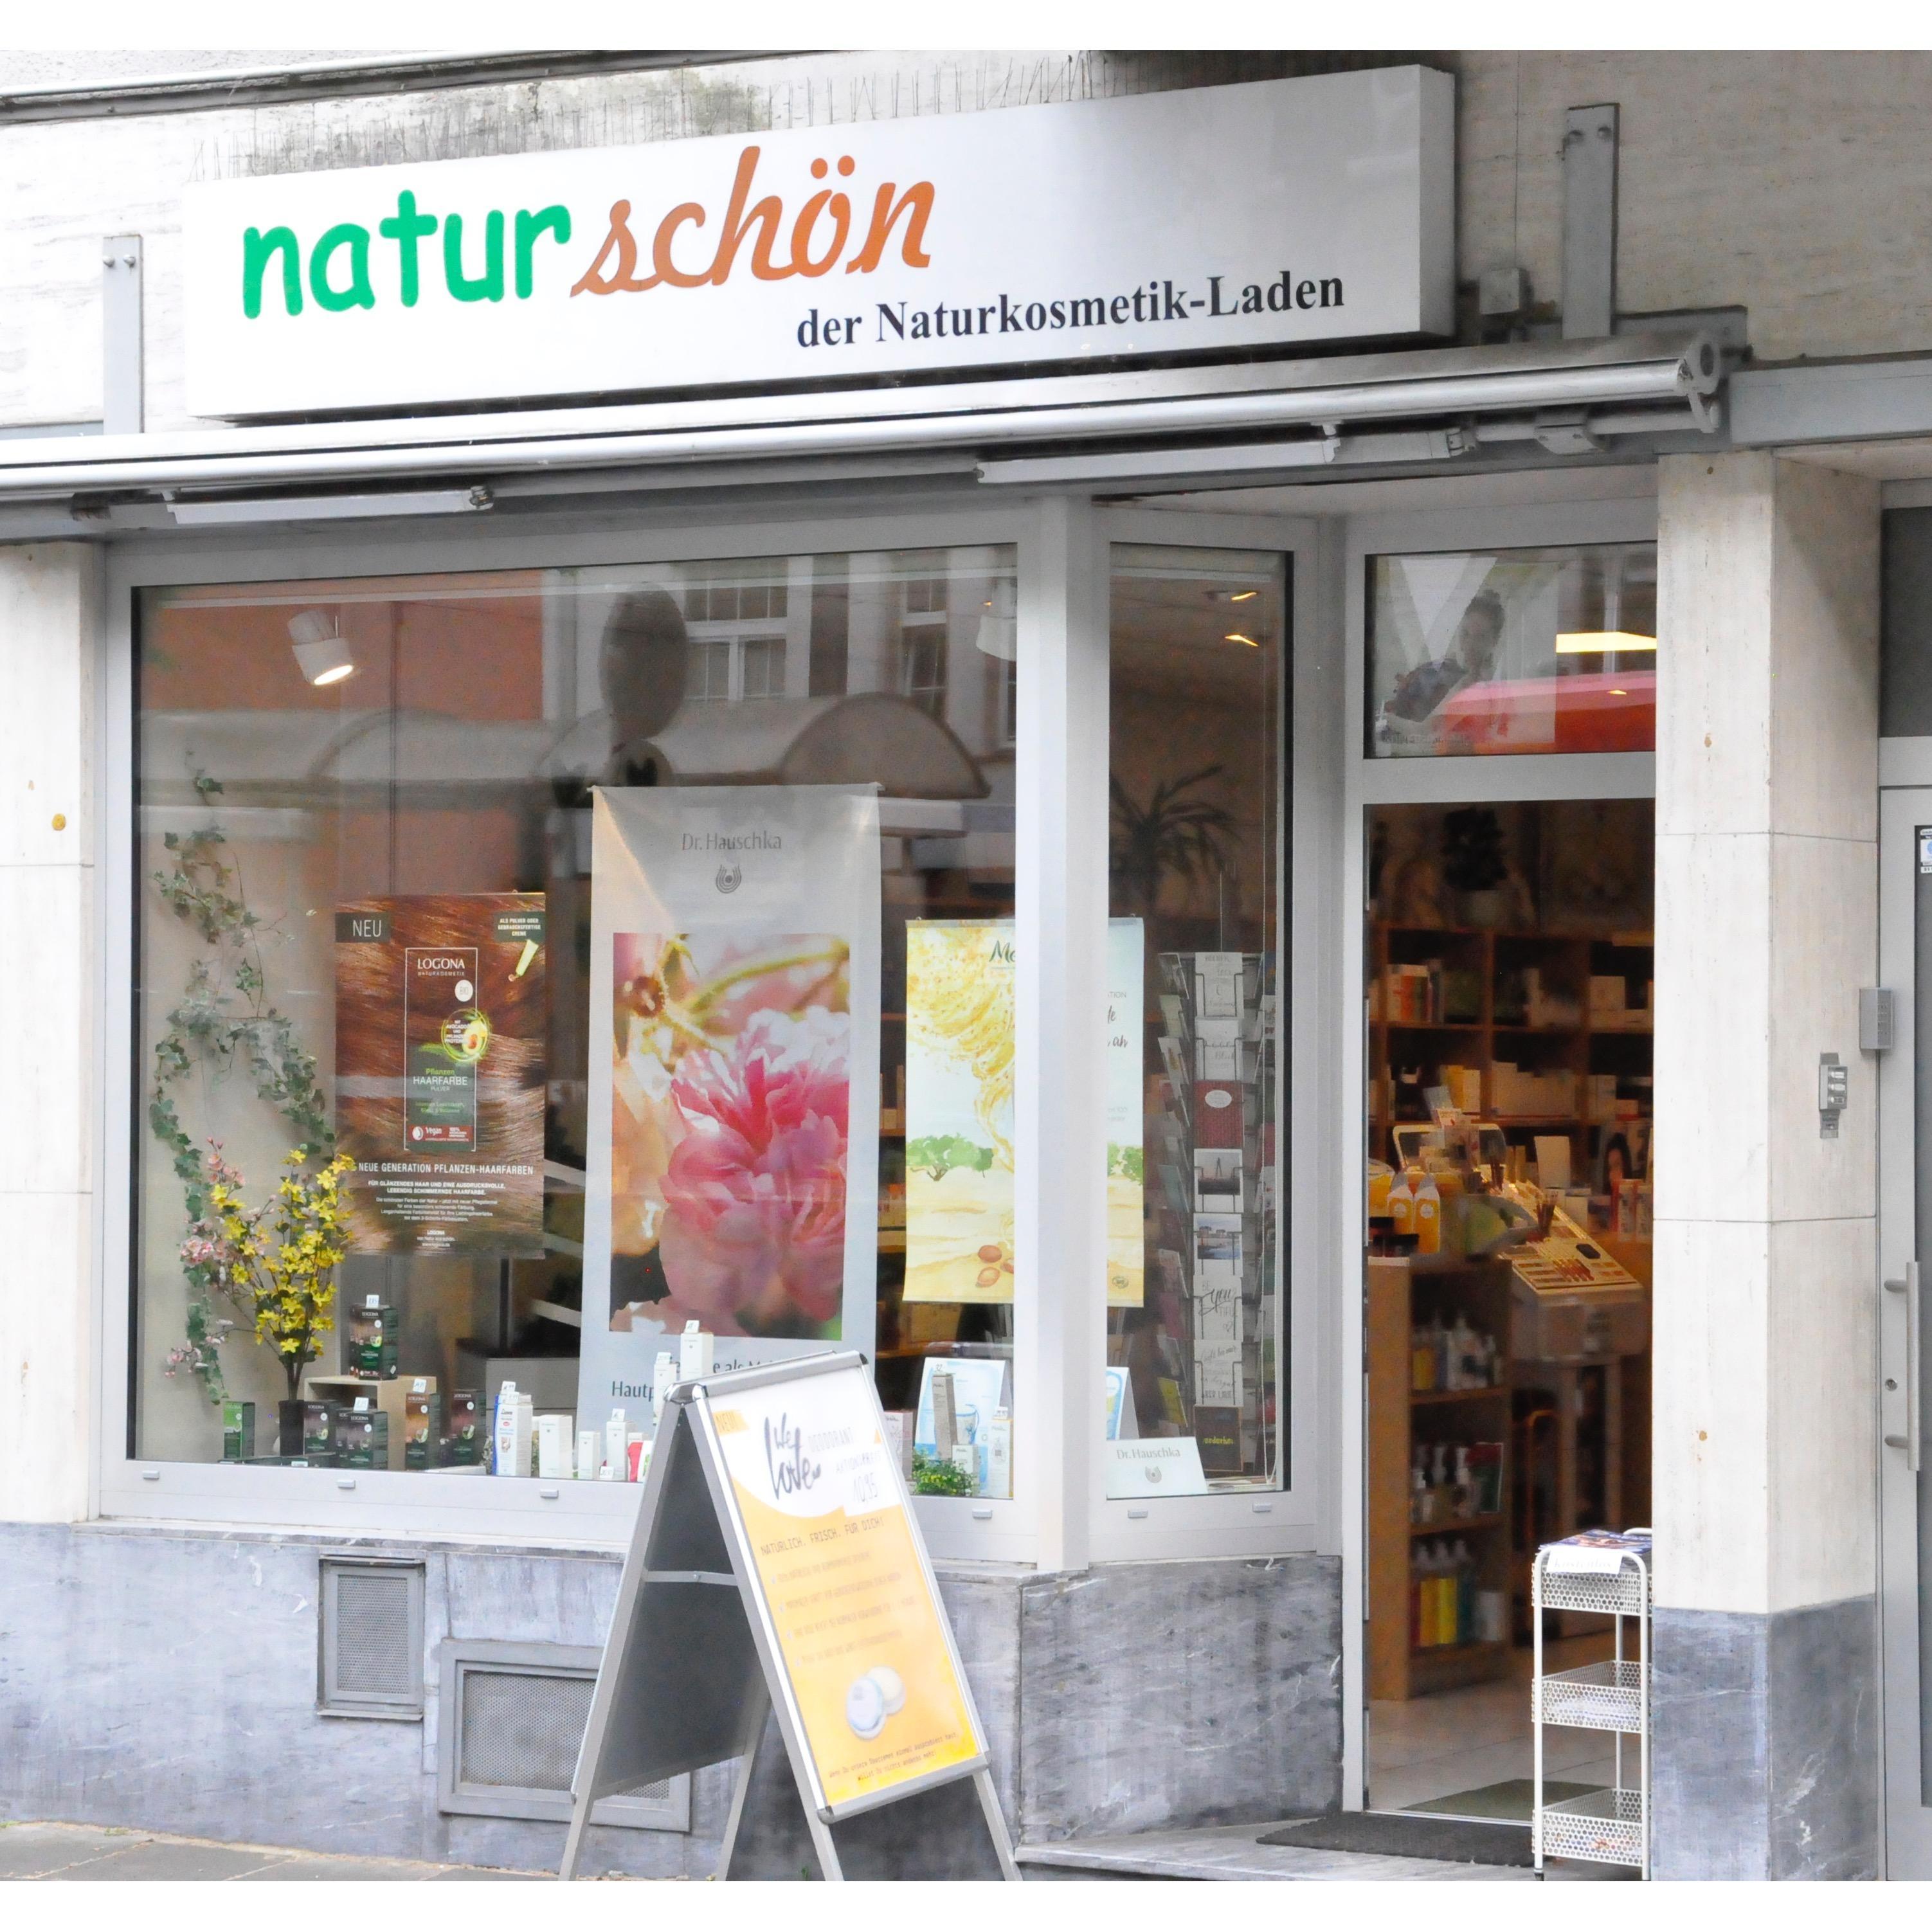 Bild zu Naturschön - der Naturkosmetik-Laden Köln in Köln